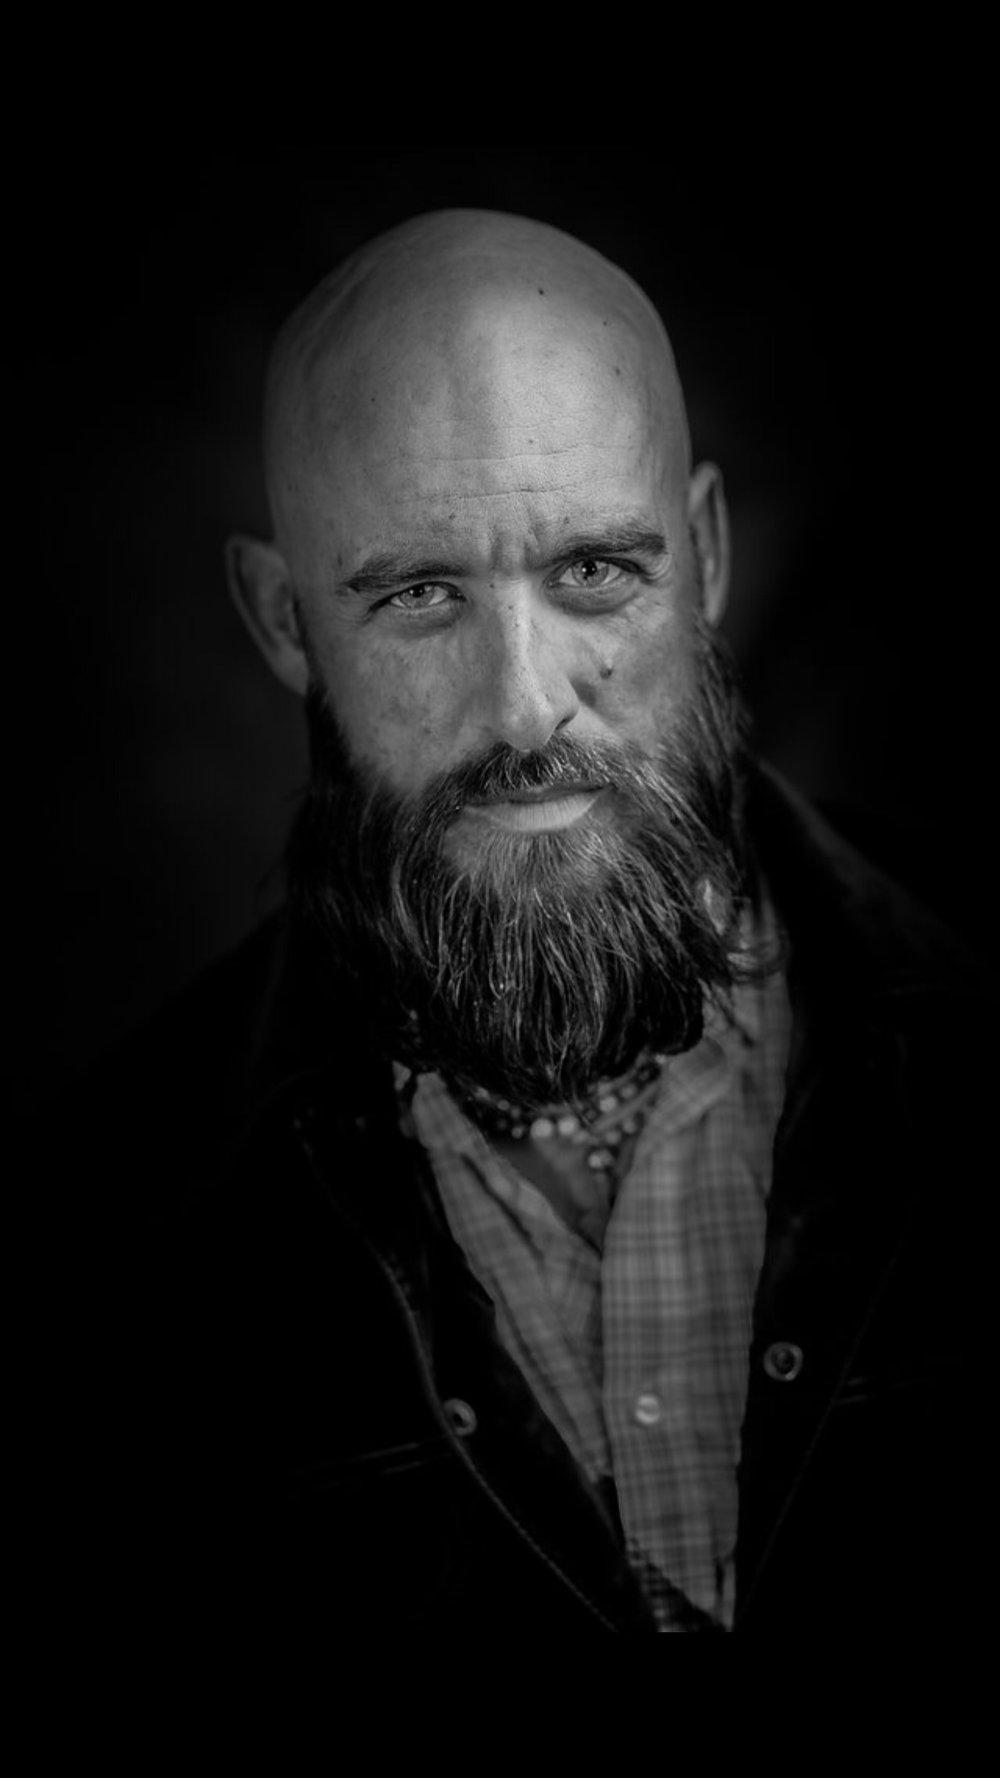 Founder/ Visionary Matthew Kasper Repplinger II